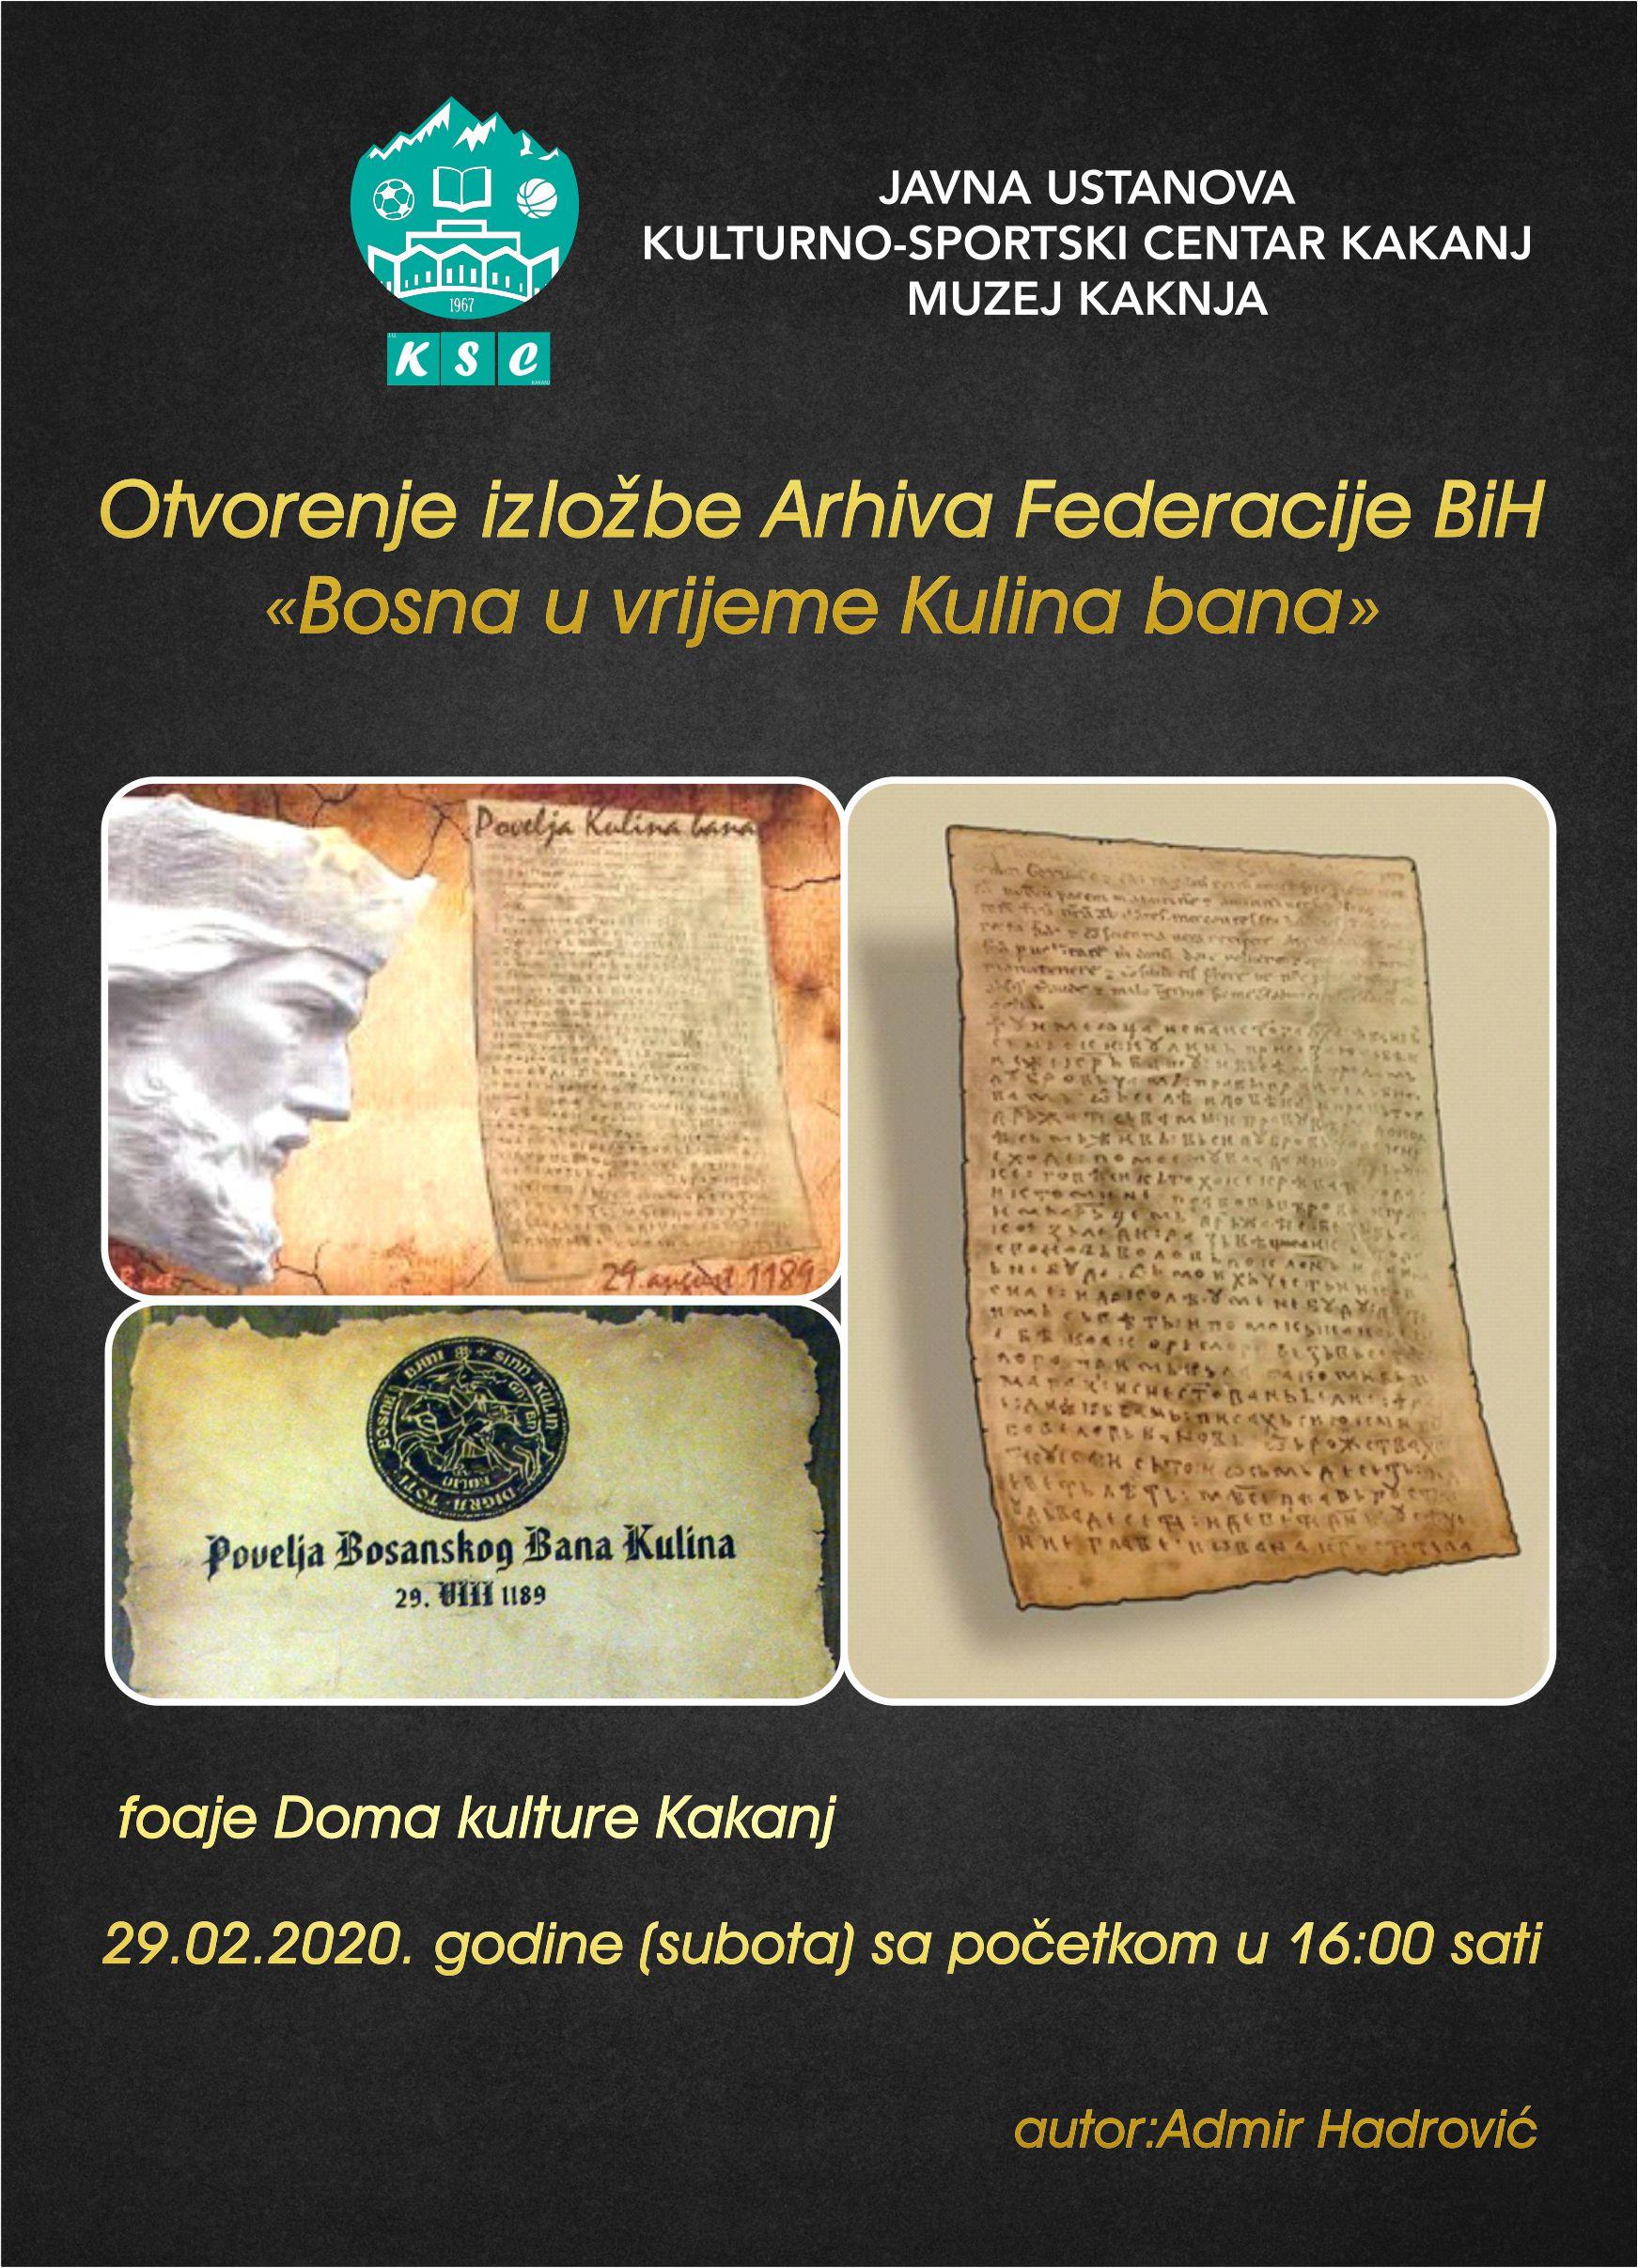 """Foaje Doma kulture: Otvorenje izložbe """"Bosna u vrijeme Kulina bana"""""""